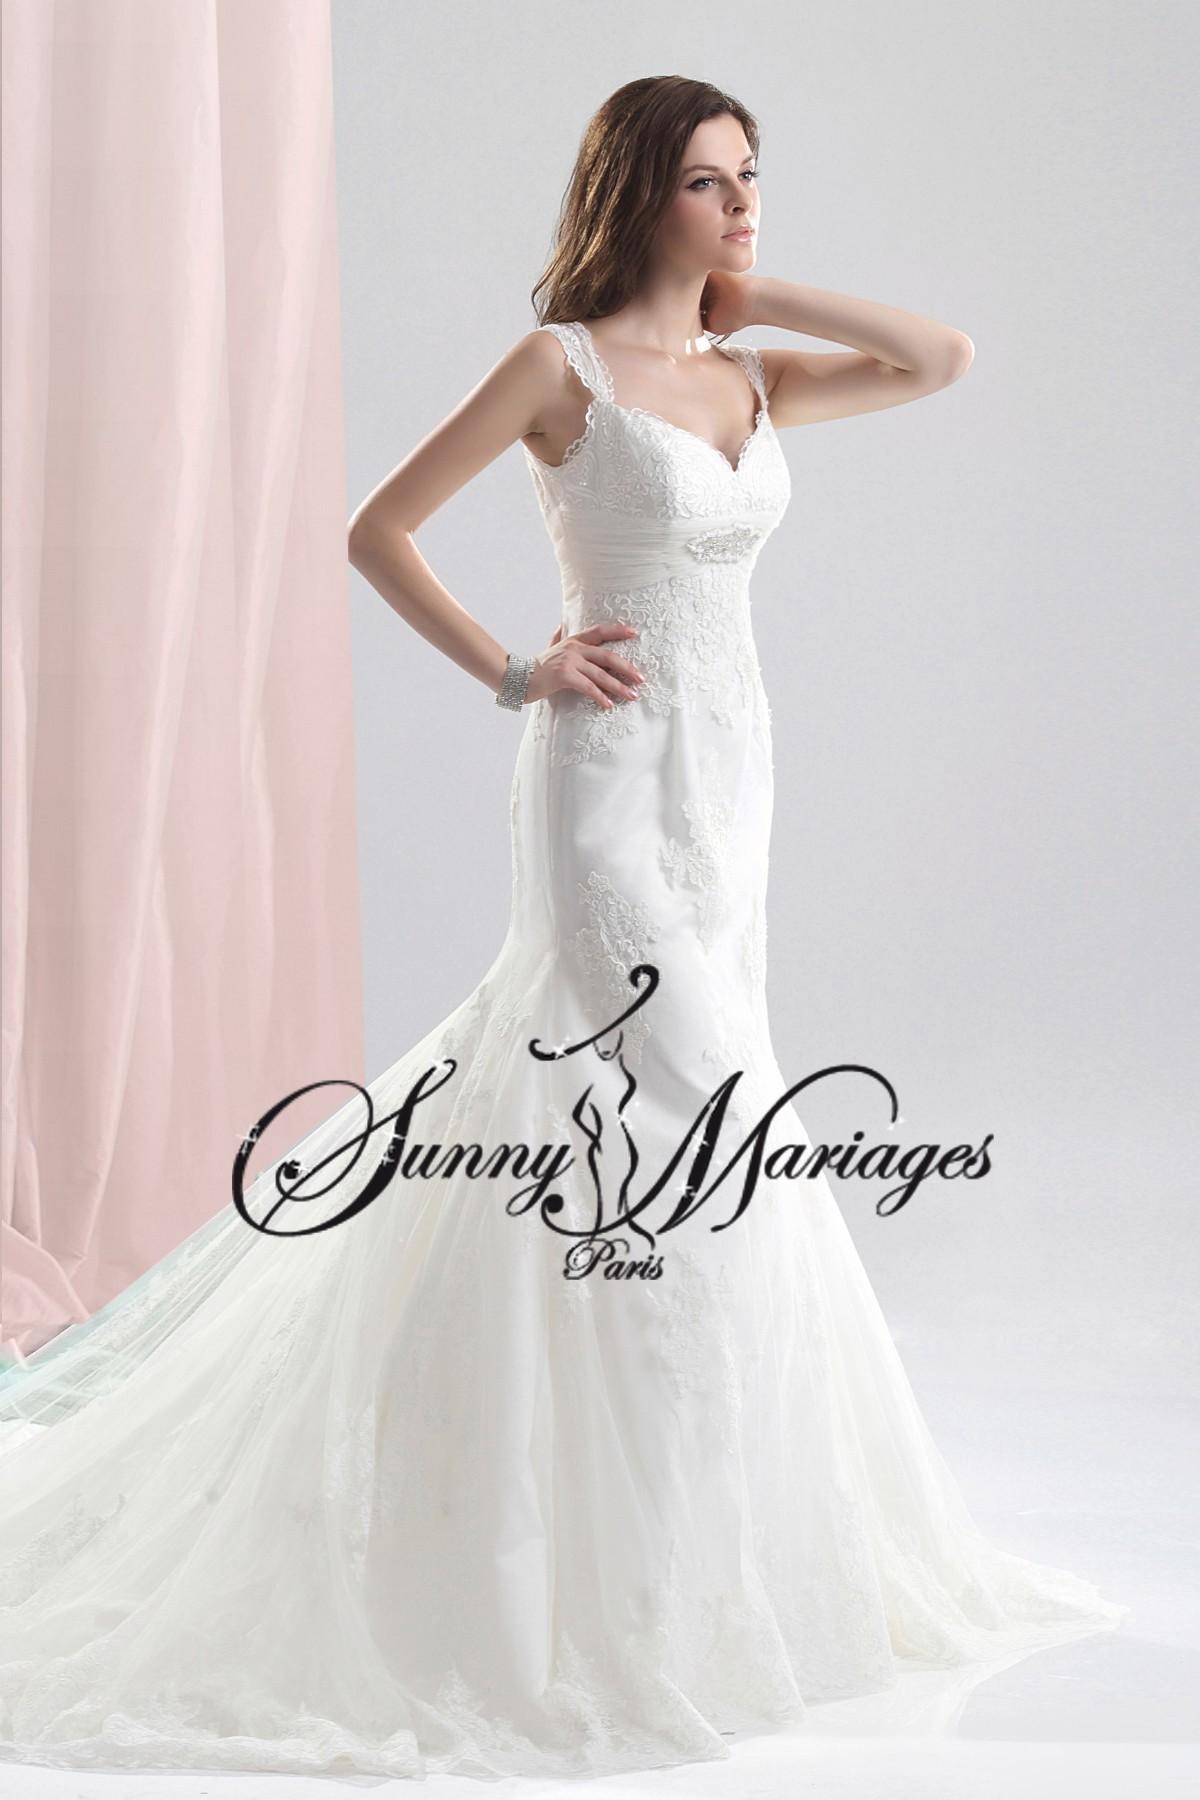 ... Mariage » robe de mariée » Robe de mariée sirène – « Judy